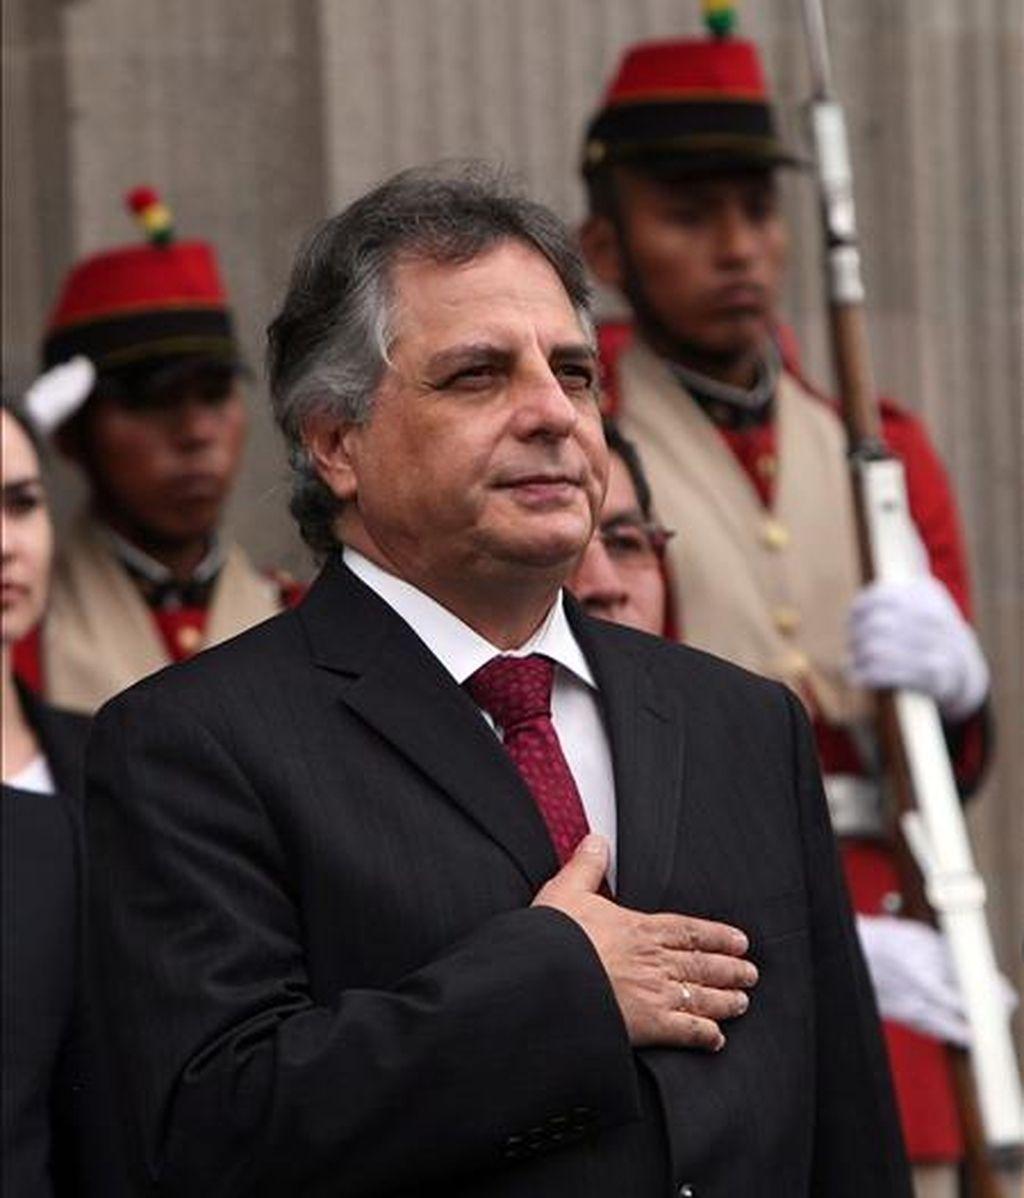 Rodríguez Cuadros fue elegido en los comicios internos que celebró FS el fin de semana, anunció hoy en una rueda de prensa el coordinador nacional de ese partido, Gustavo Guerra García. EFE/Archivo